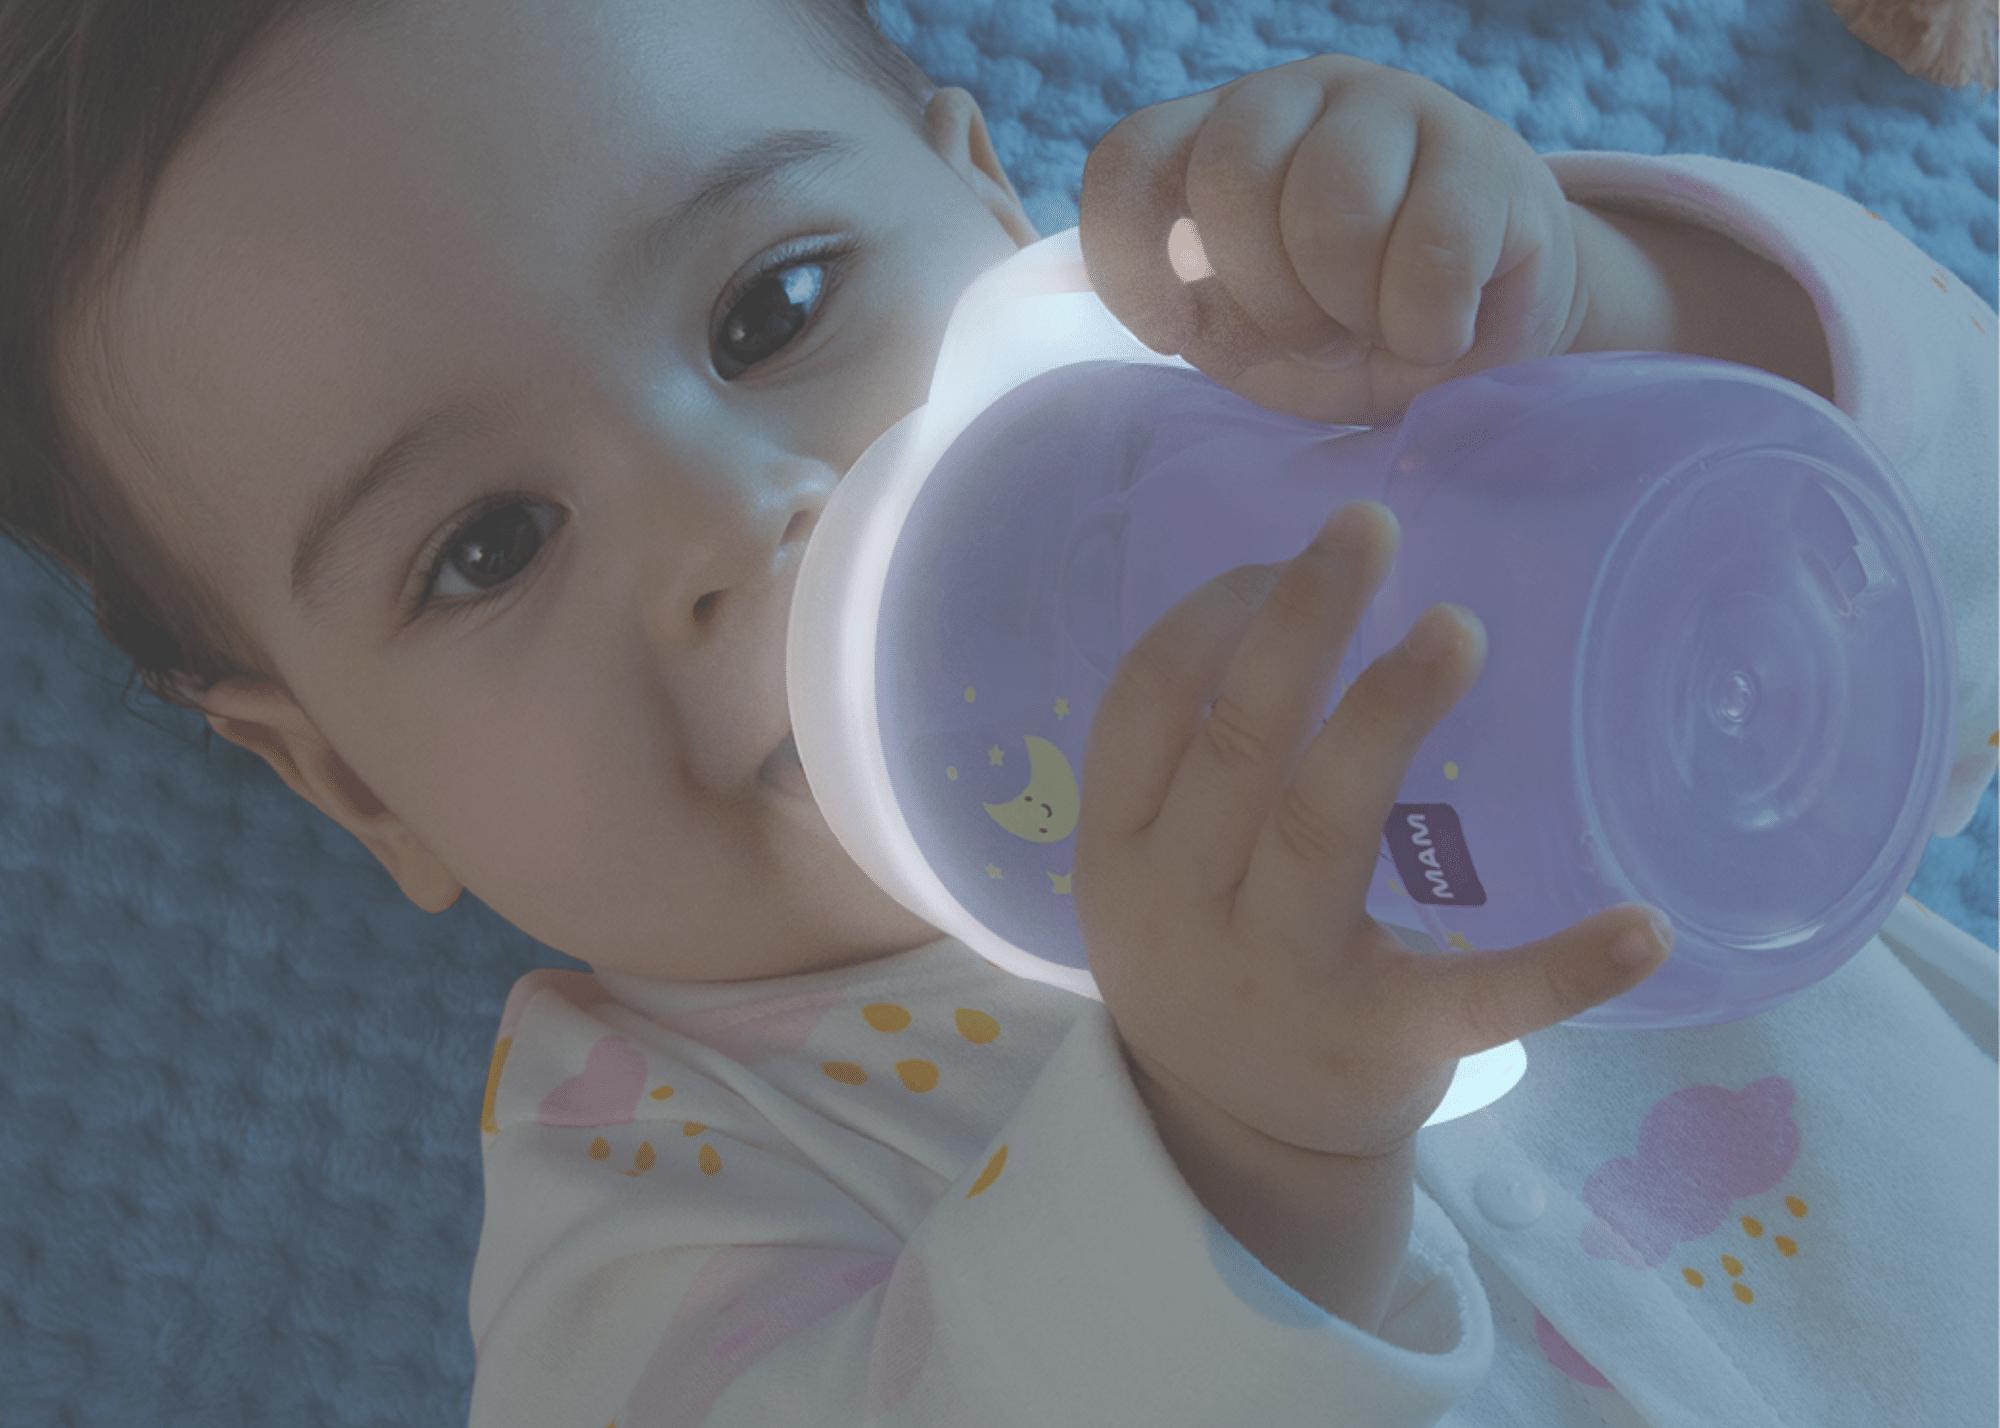 MAM Baby lança copo que brilha no escuro